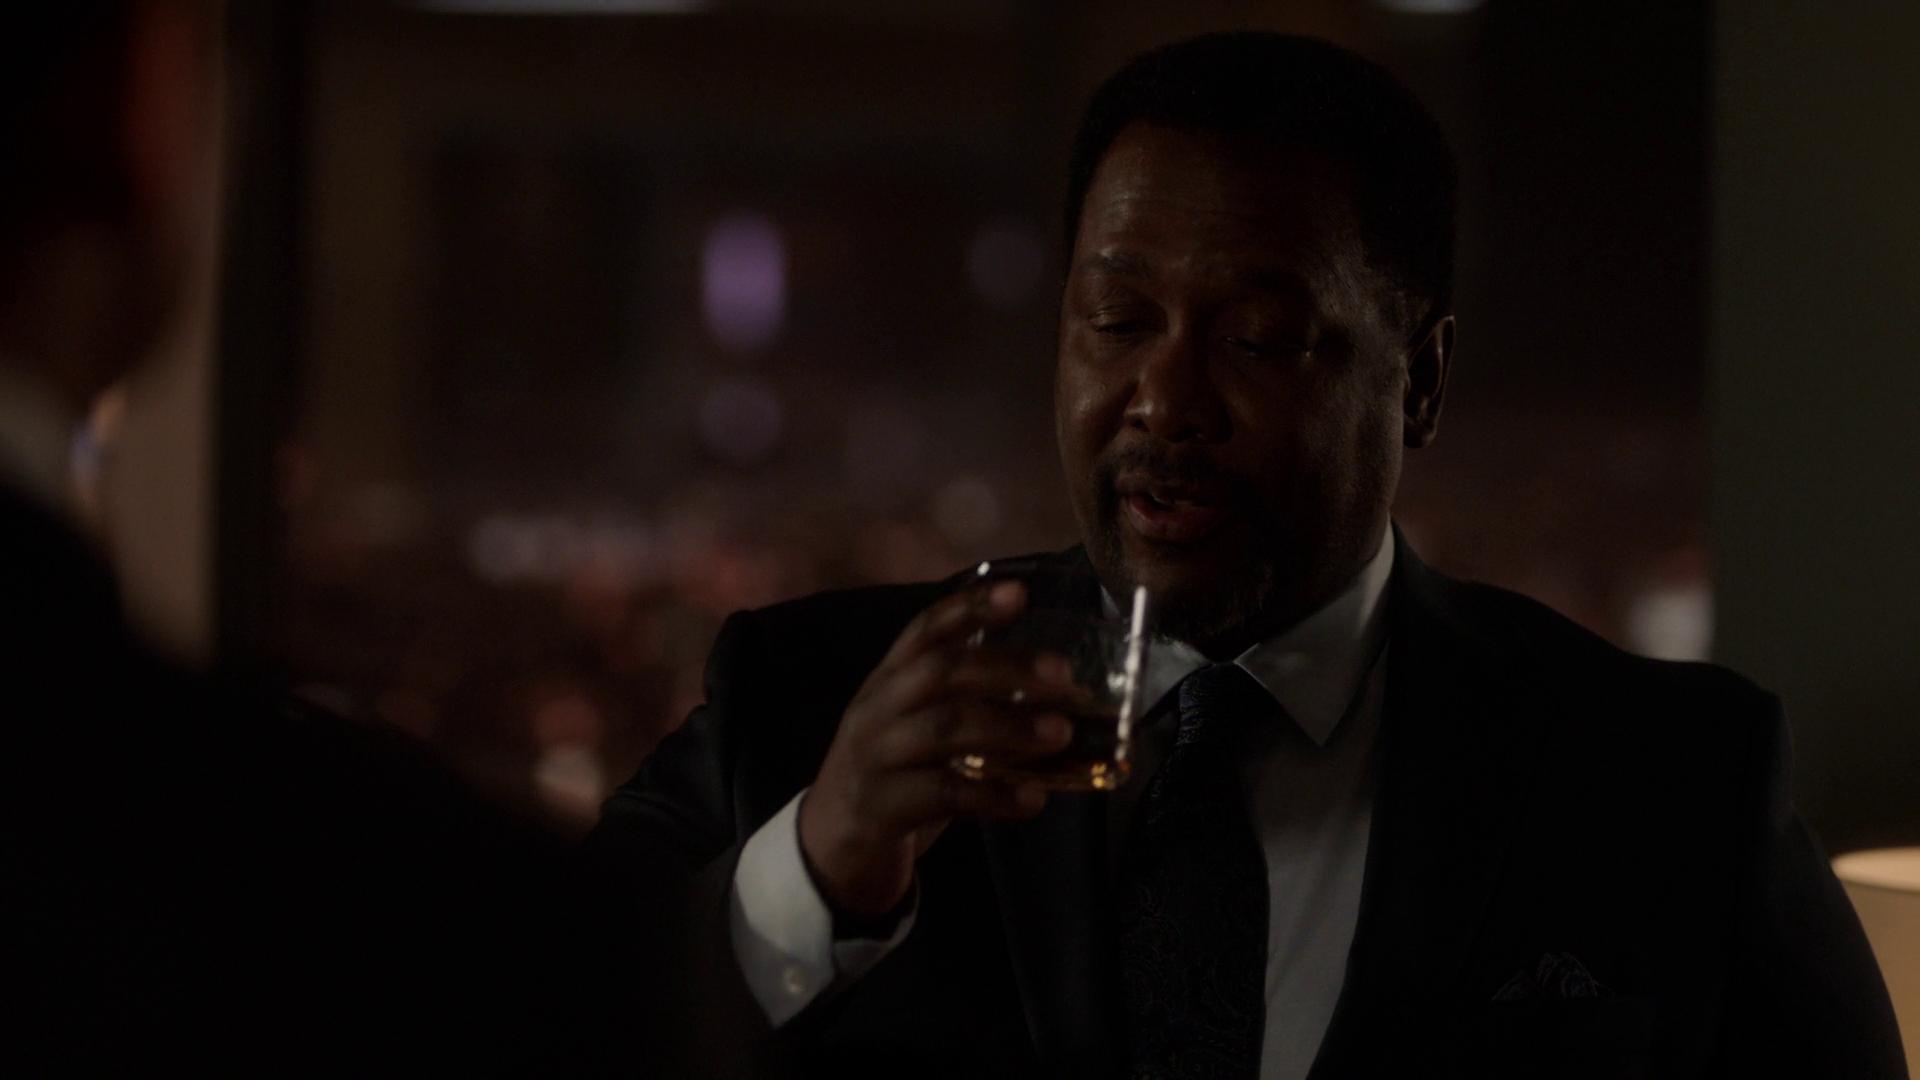 Suits S08E03 Promises Promises 1080p NF WEB-DL DDP5 1 x264-NTb